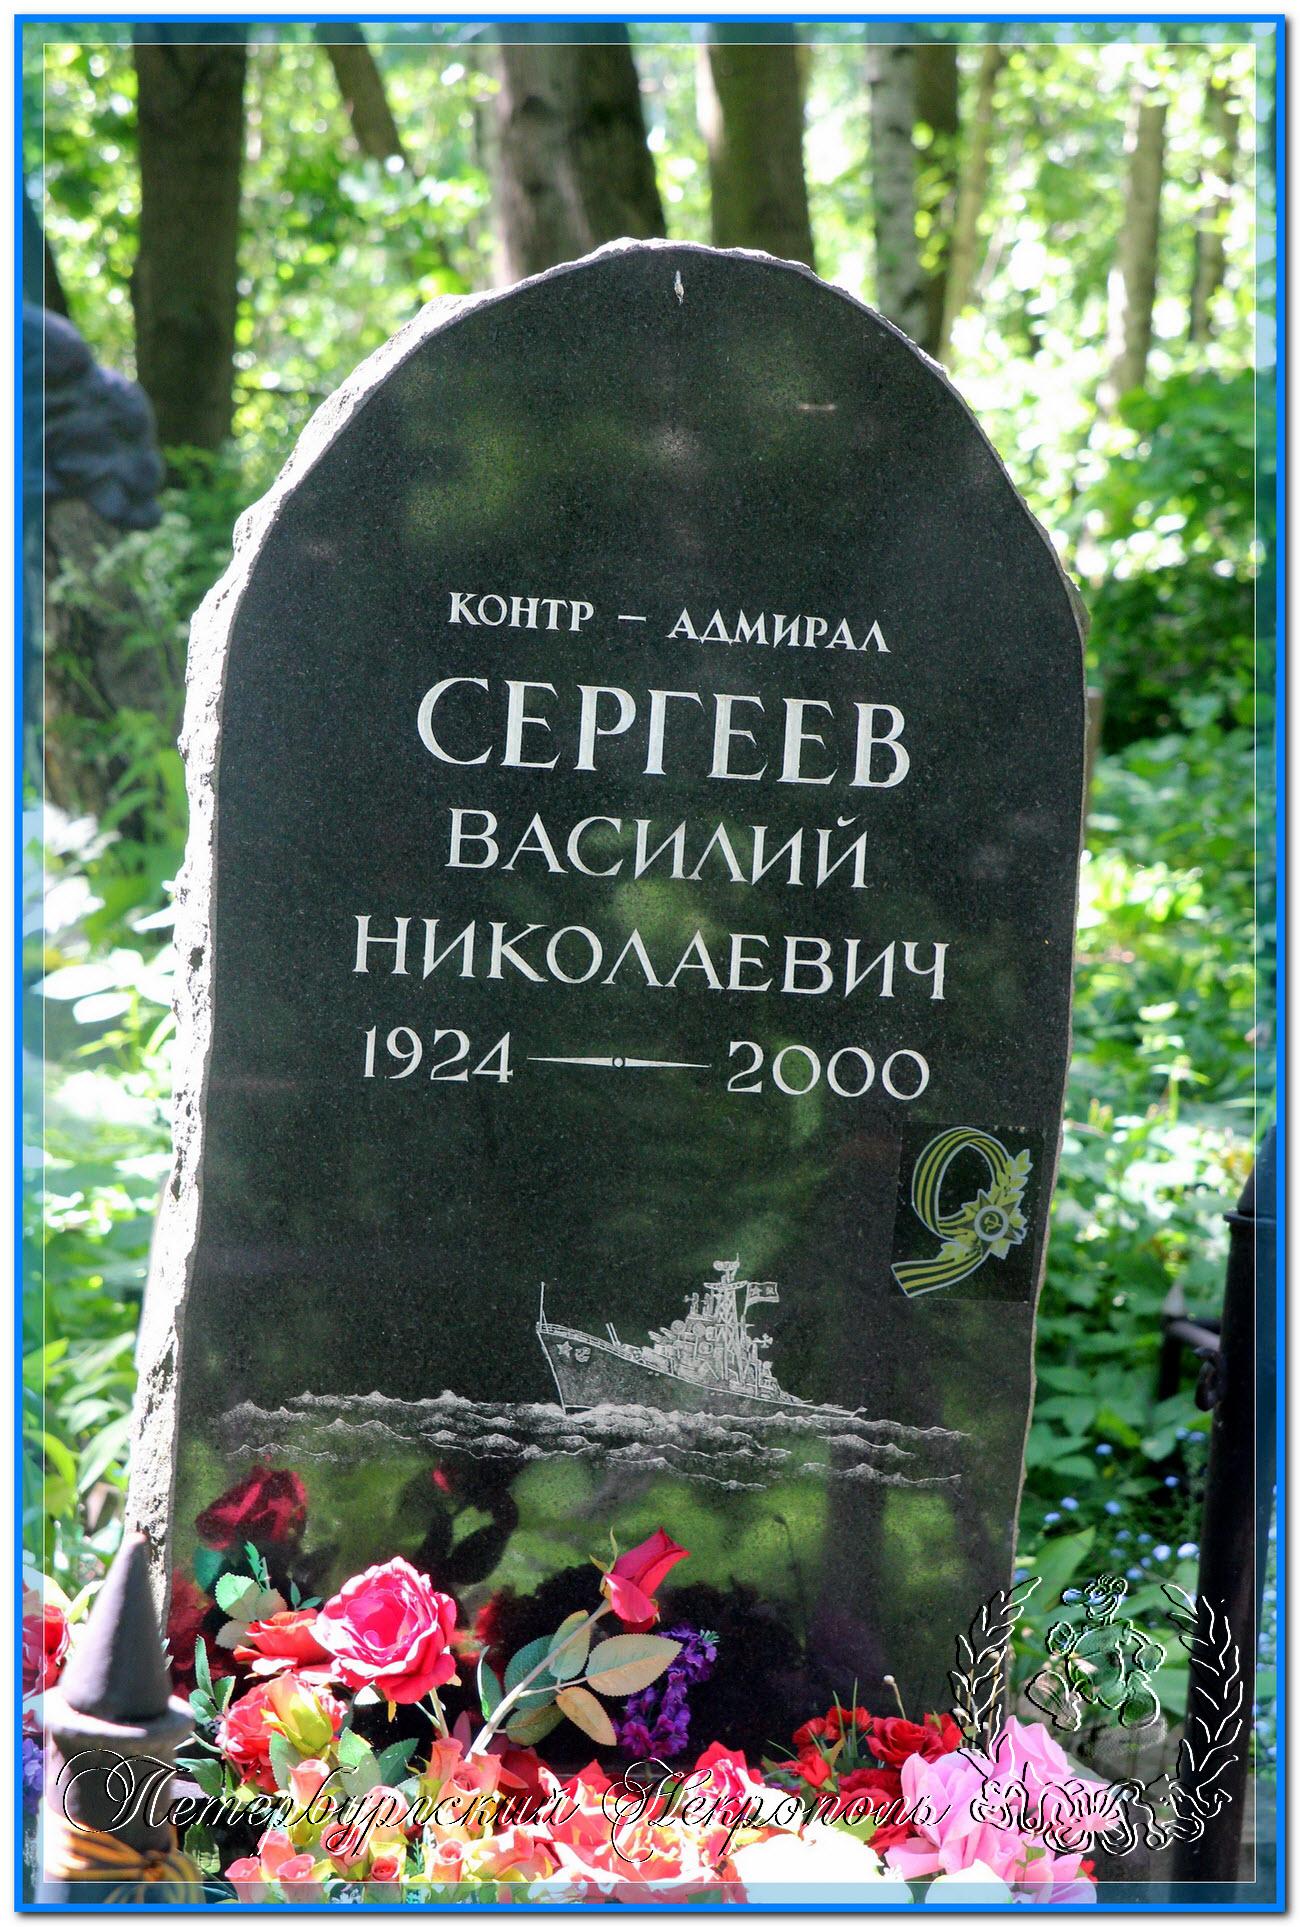 © СергеевВасилийНиколаевич